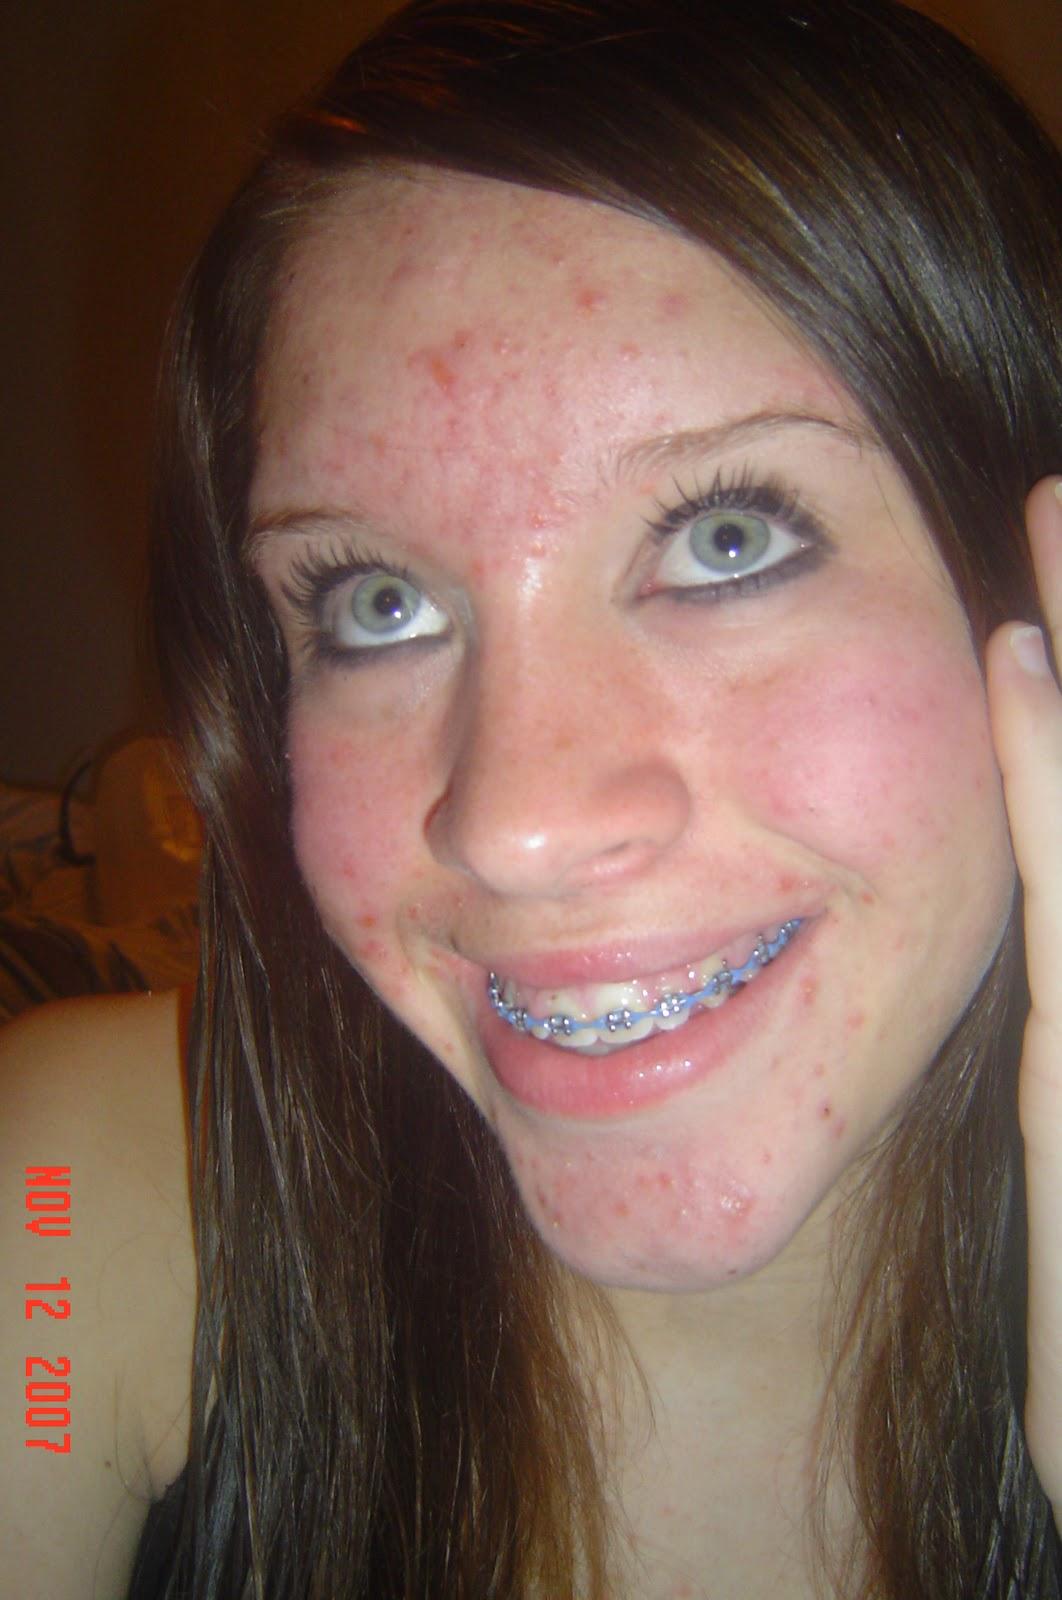 Princess of Christ: Skin Care